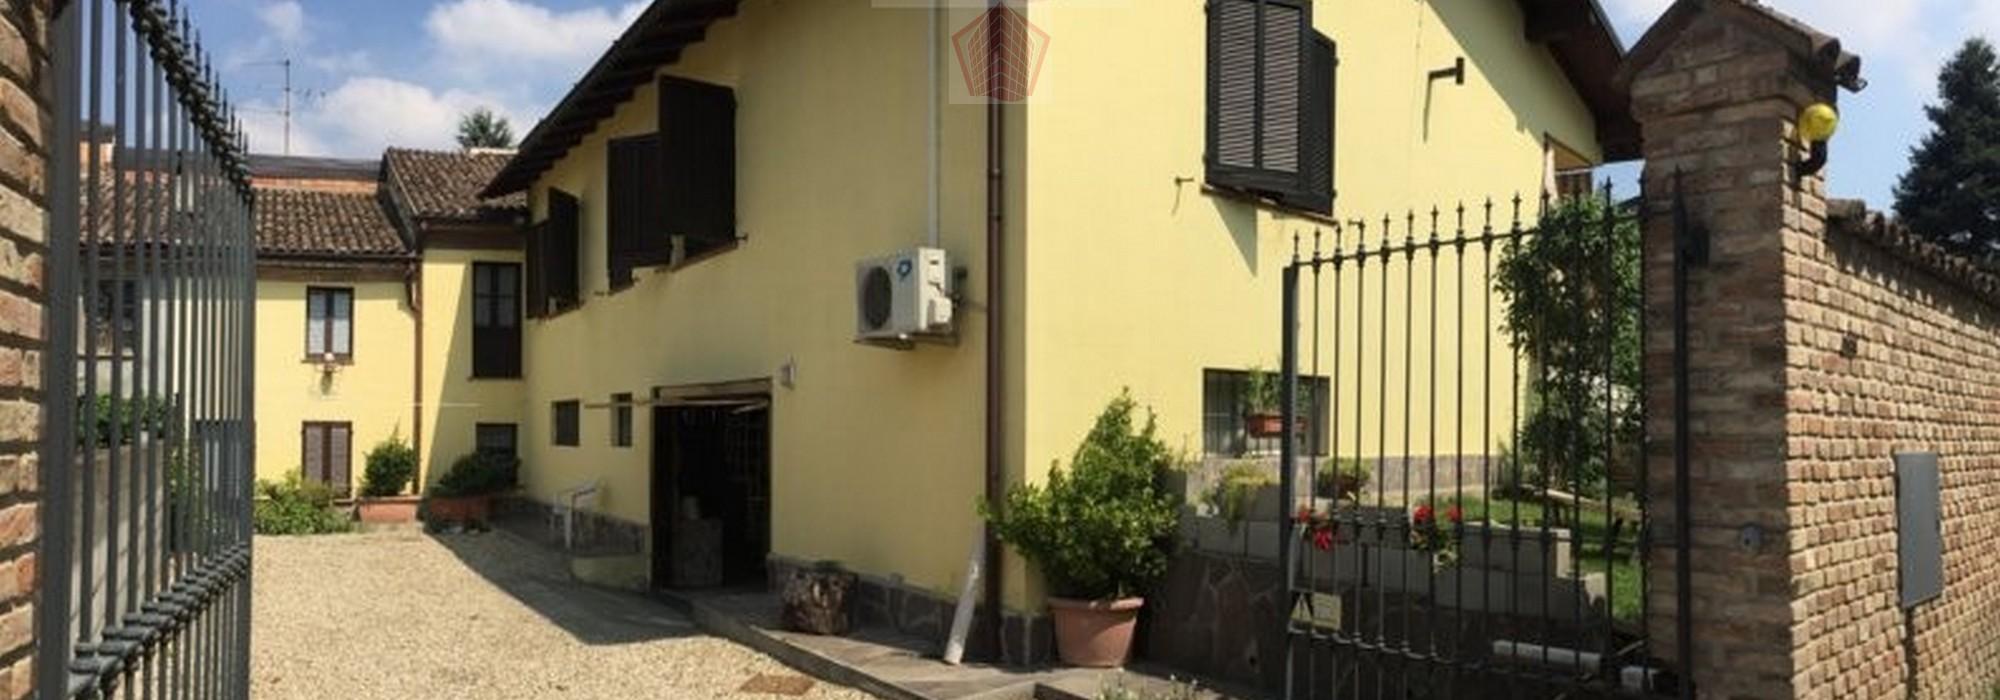 Torricella Verzate Loc. Fumo (PV) Villa singola con dependence Rif. 121